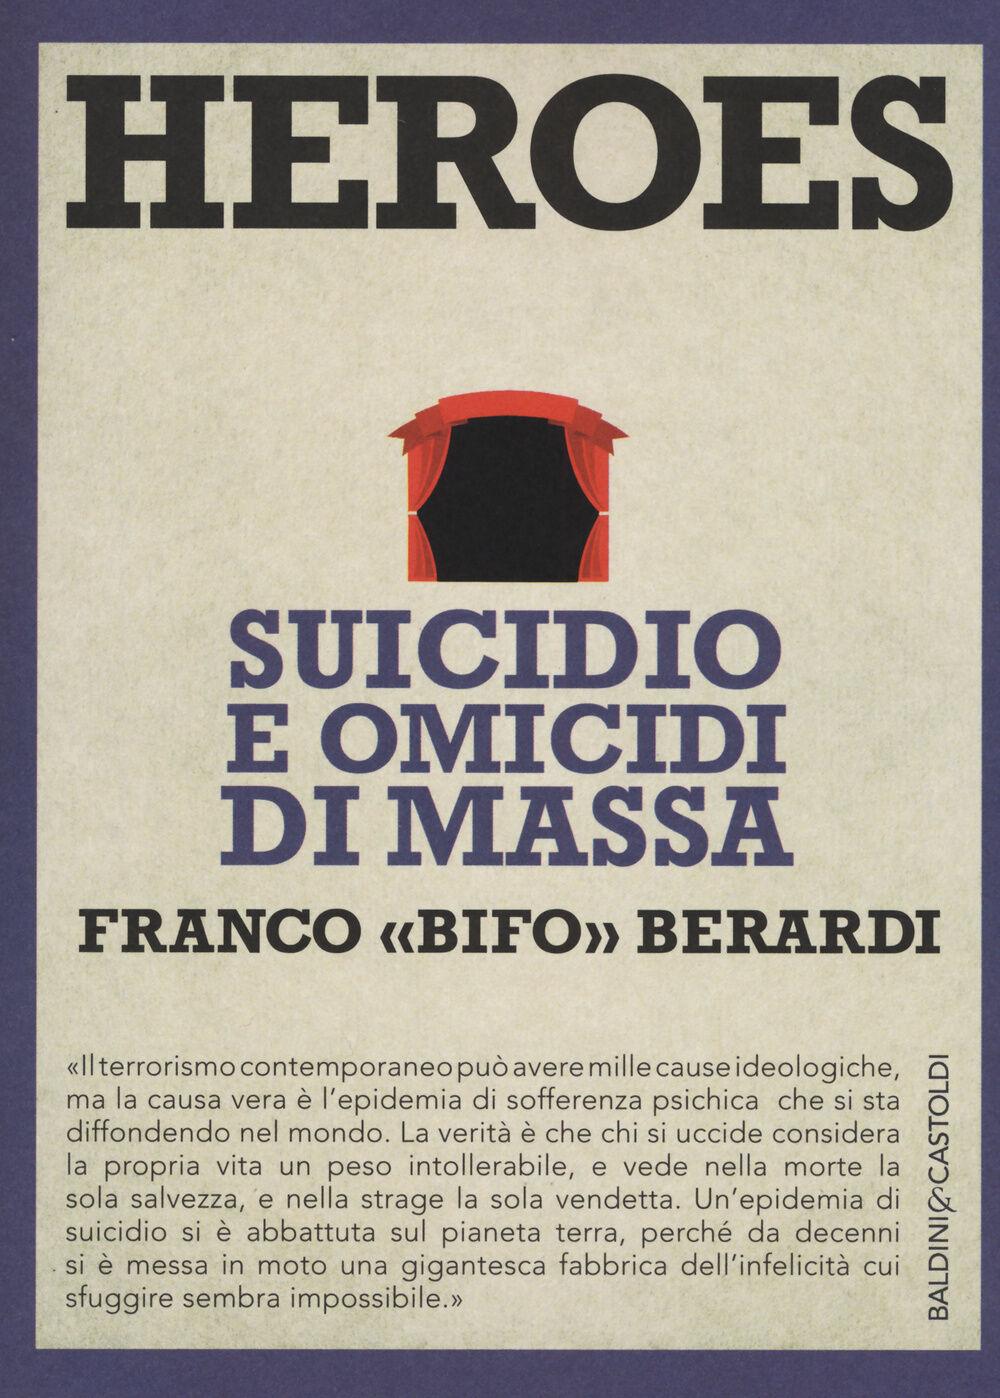 Heroes. Suicidio e omicidi di massa